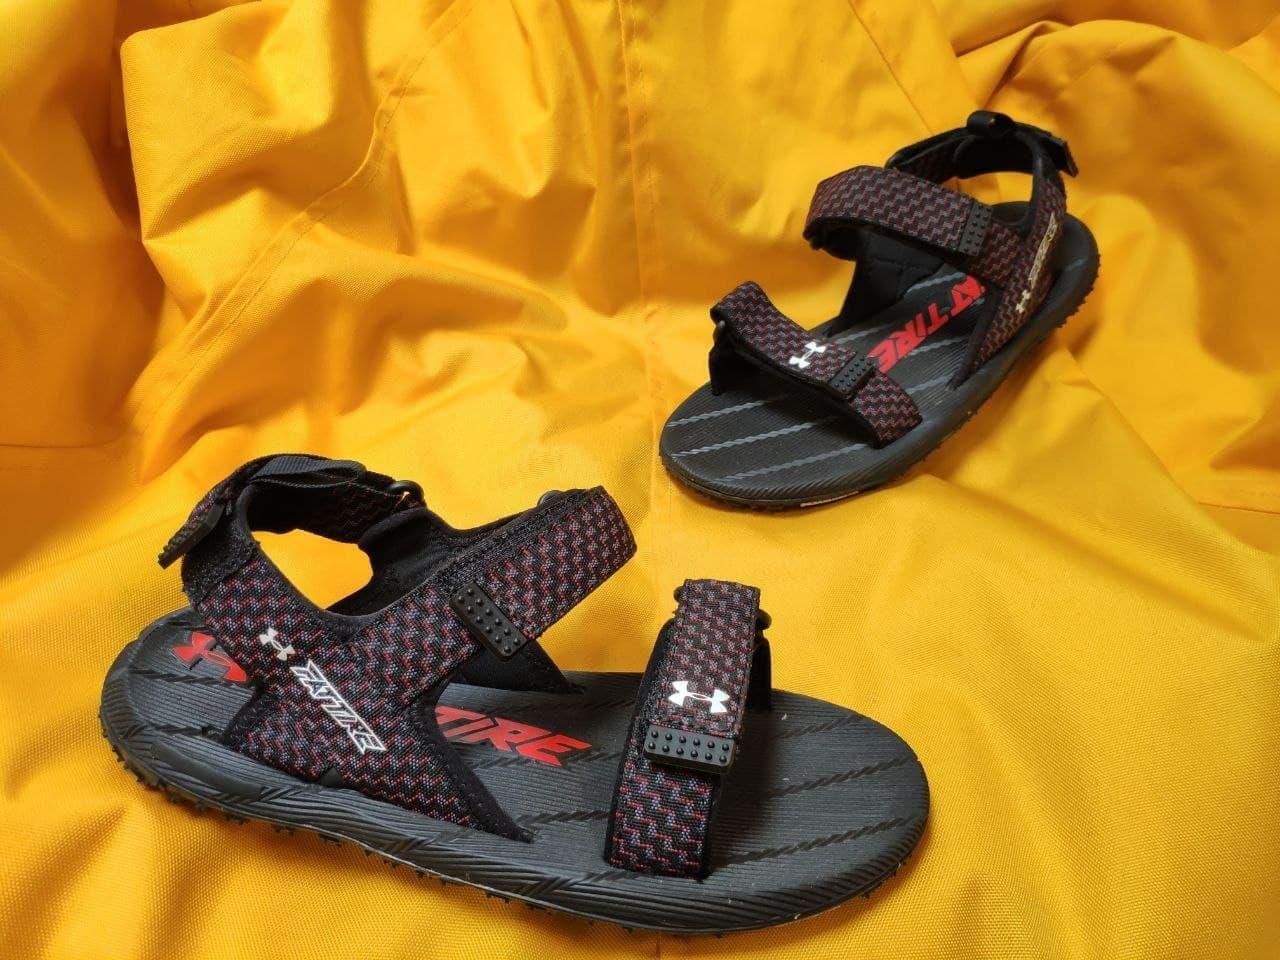 Мужские летние сандалии Under Armour Sandals Fattire x Michelin (красно-черные) D115 крутая легкая обувь